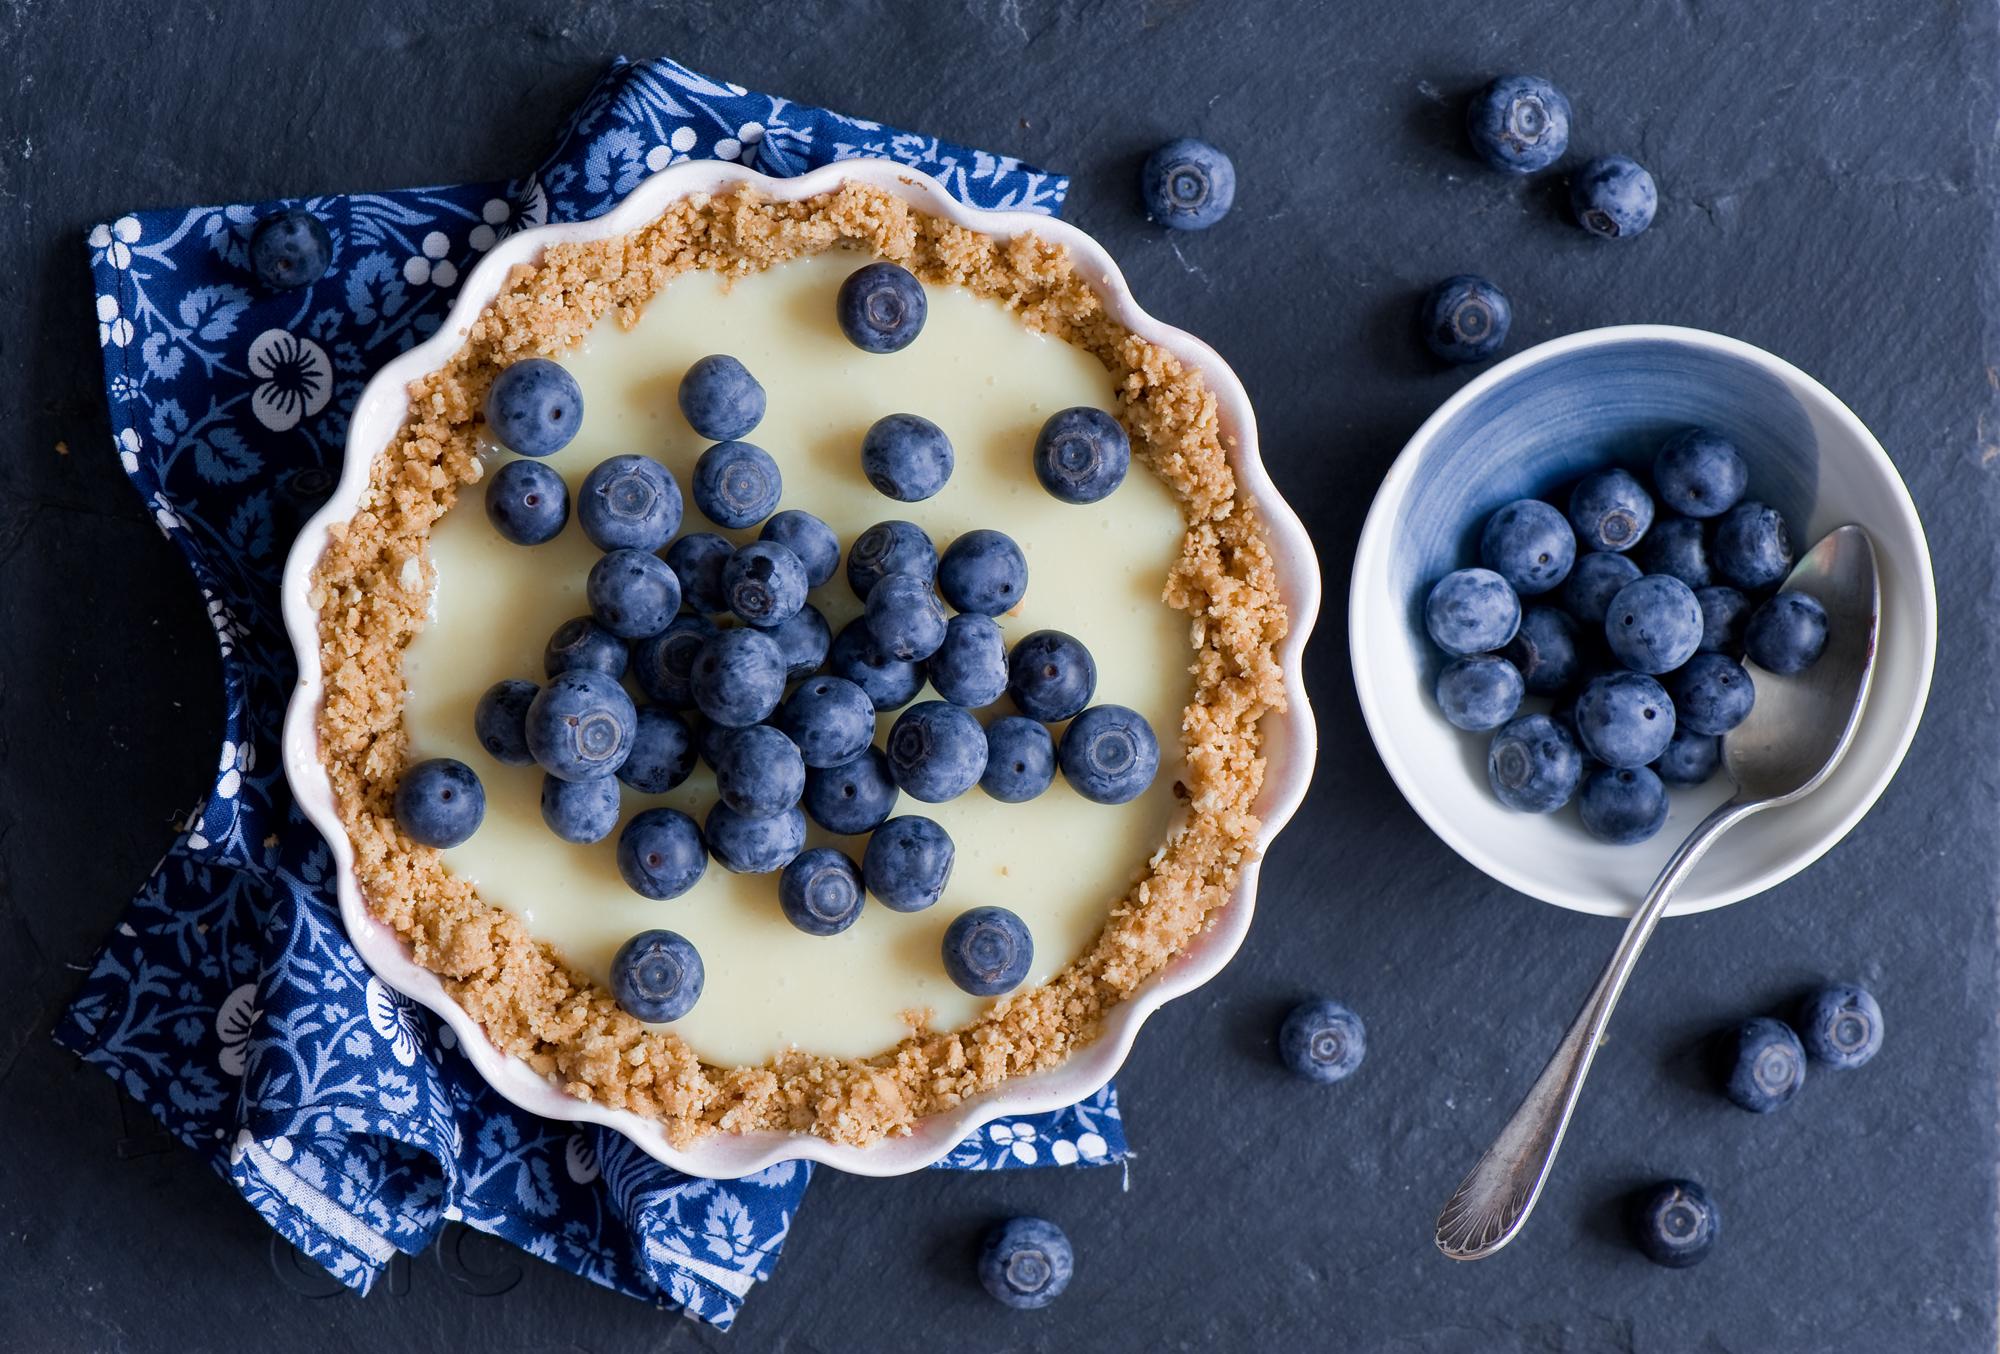 80437 Hintergrundbild herunterladen Lebensmittel, Blaubeeren, Berries, Kuchen, Bäckereiprodukte, Backen, Pie - Bildschirmschoner und Bilder kostenlos